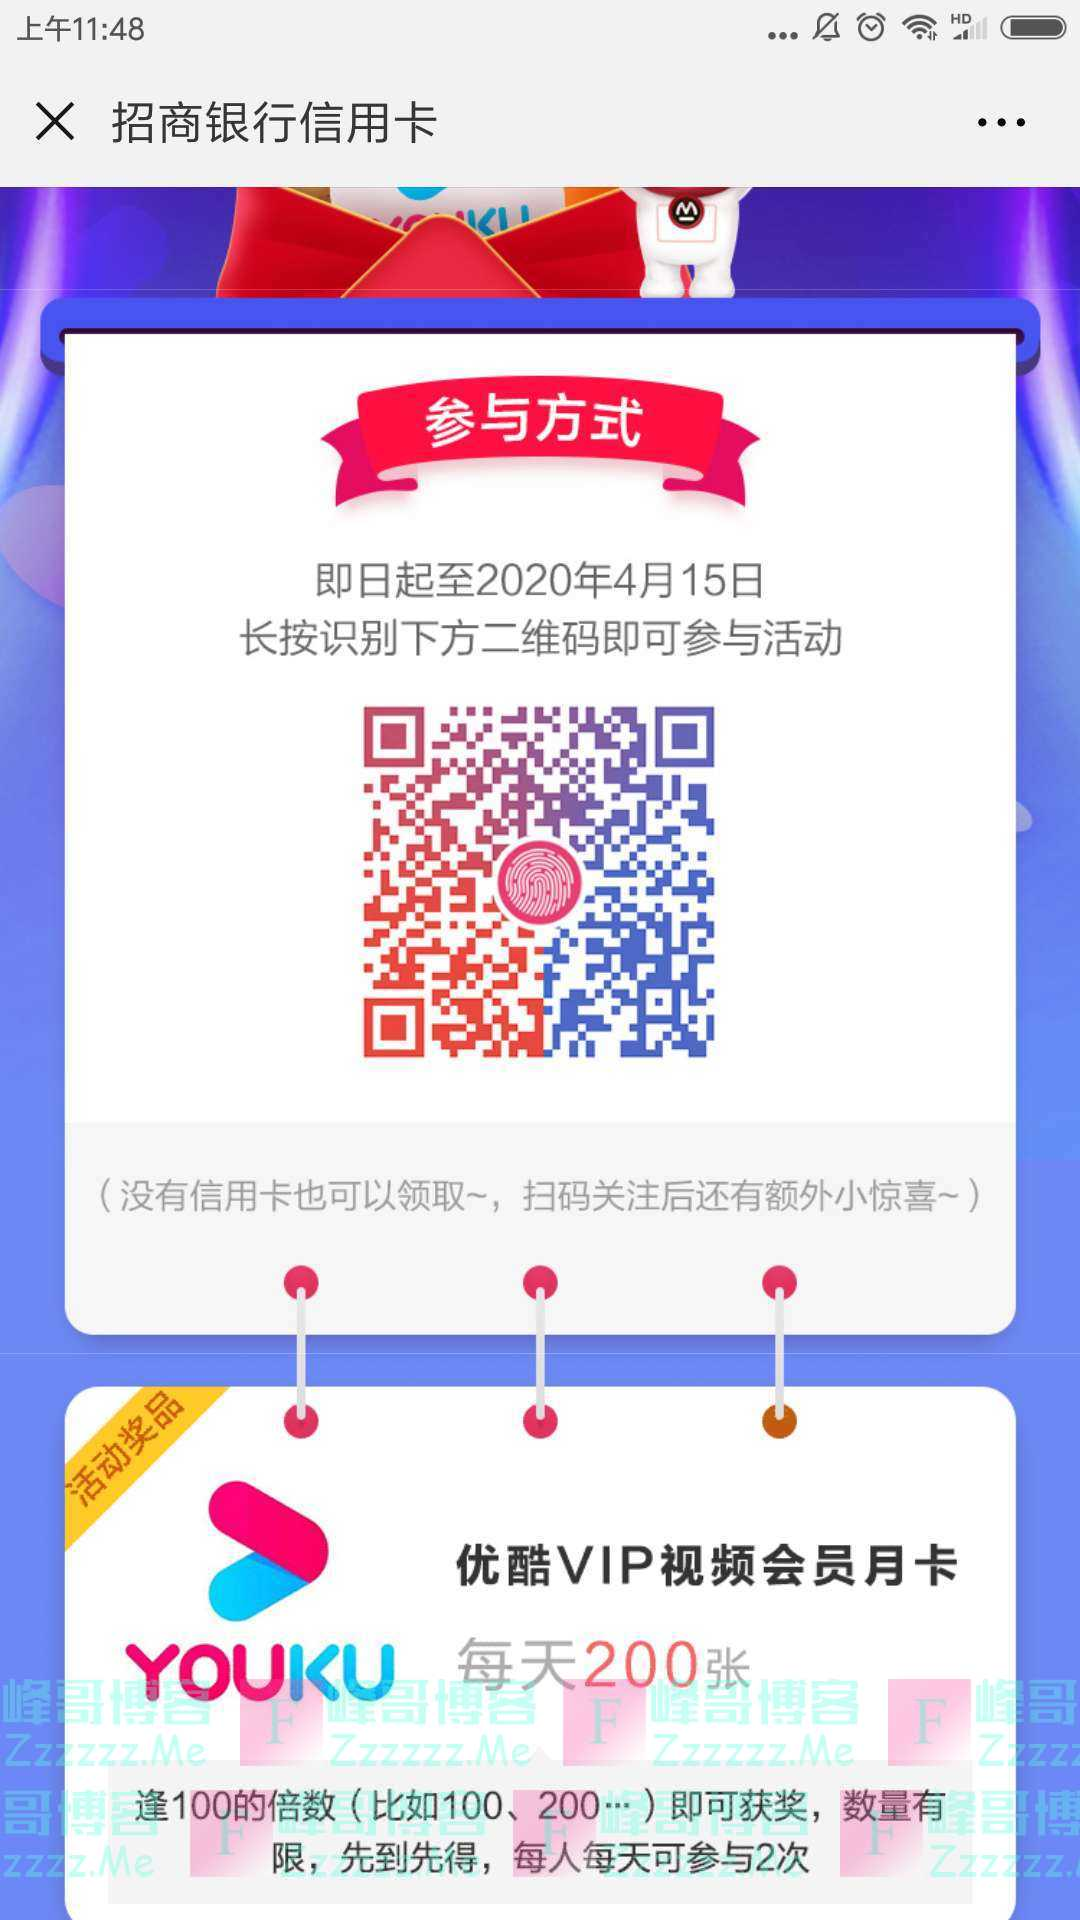 招行xing/用卡每天送200张优酷VIP月卡(截止4月15日)